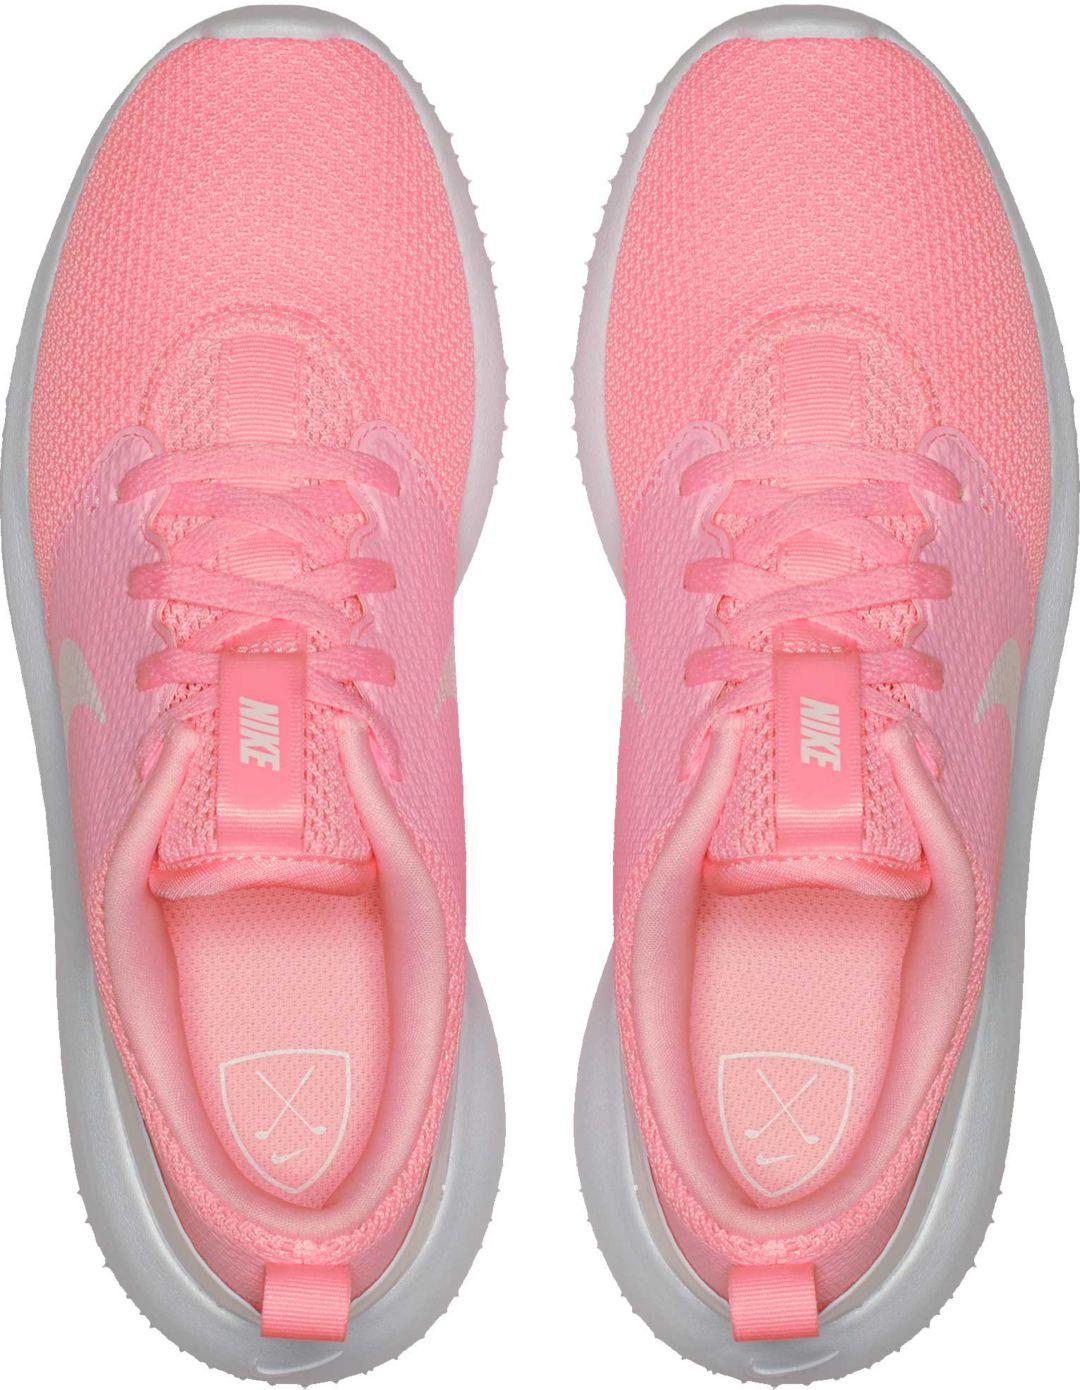 Nike Youth Roshe G Golf Shoes DICK'S Sportsartikler  DICK'S Sporting Goods